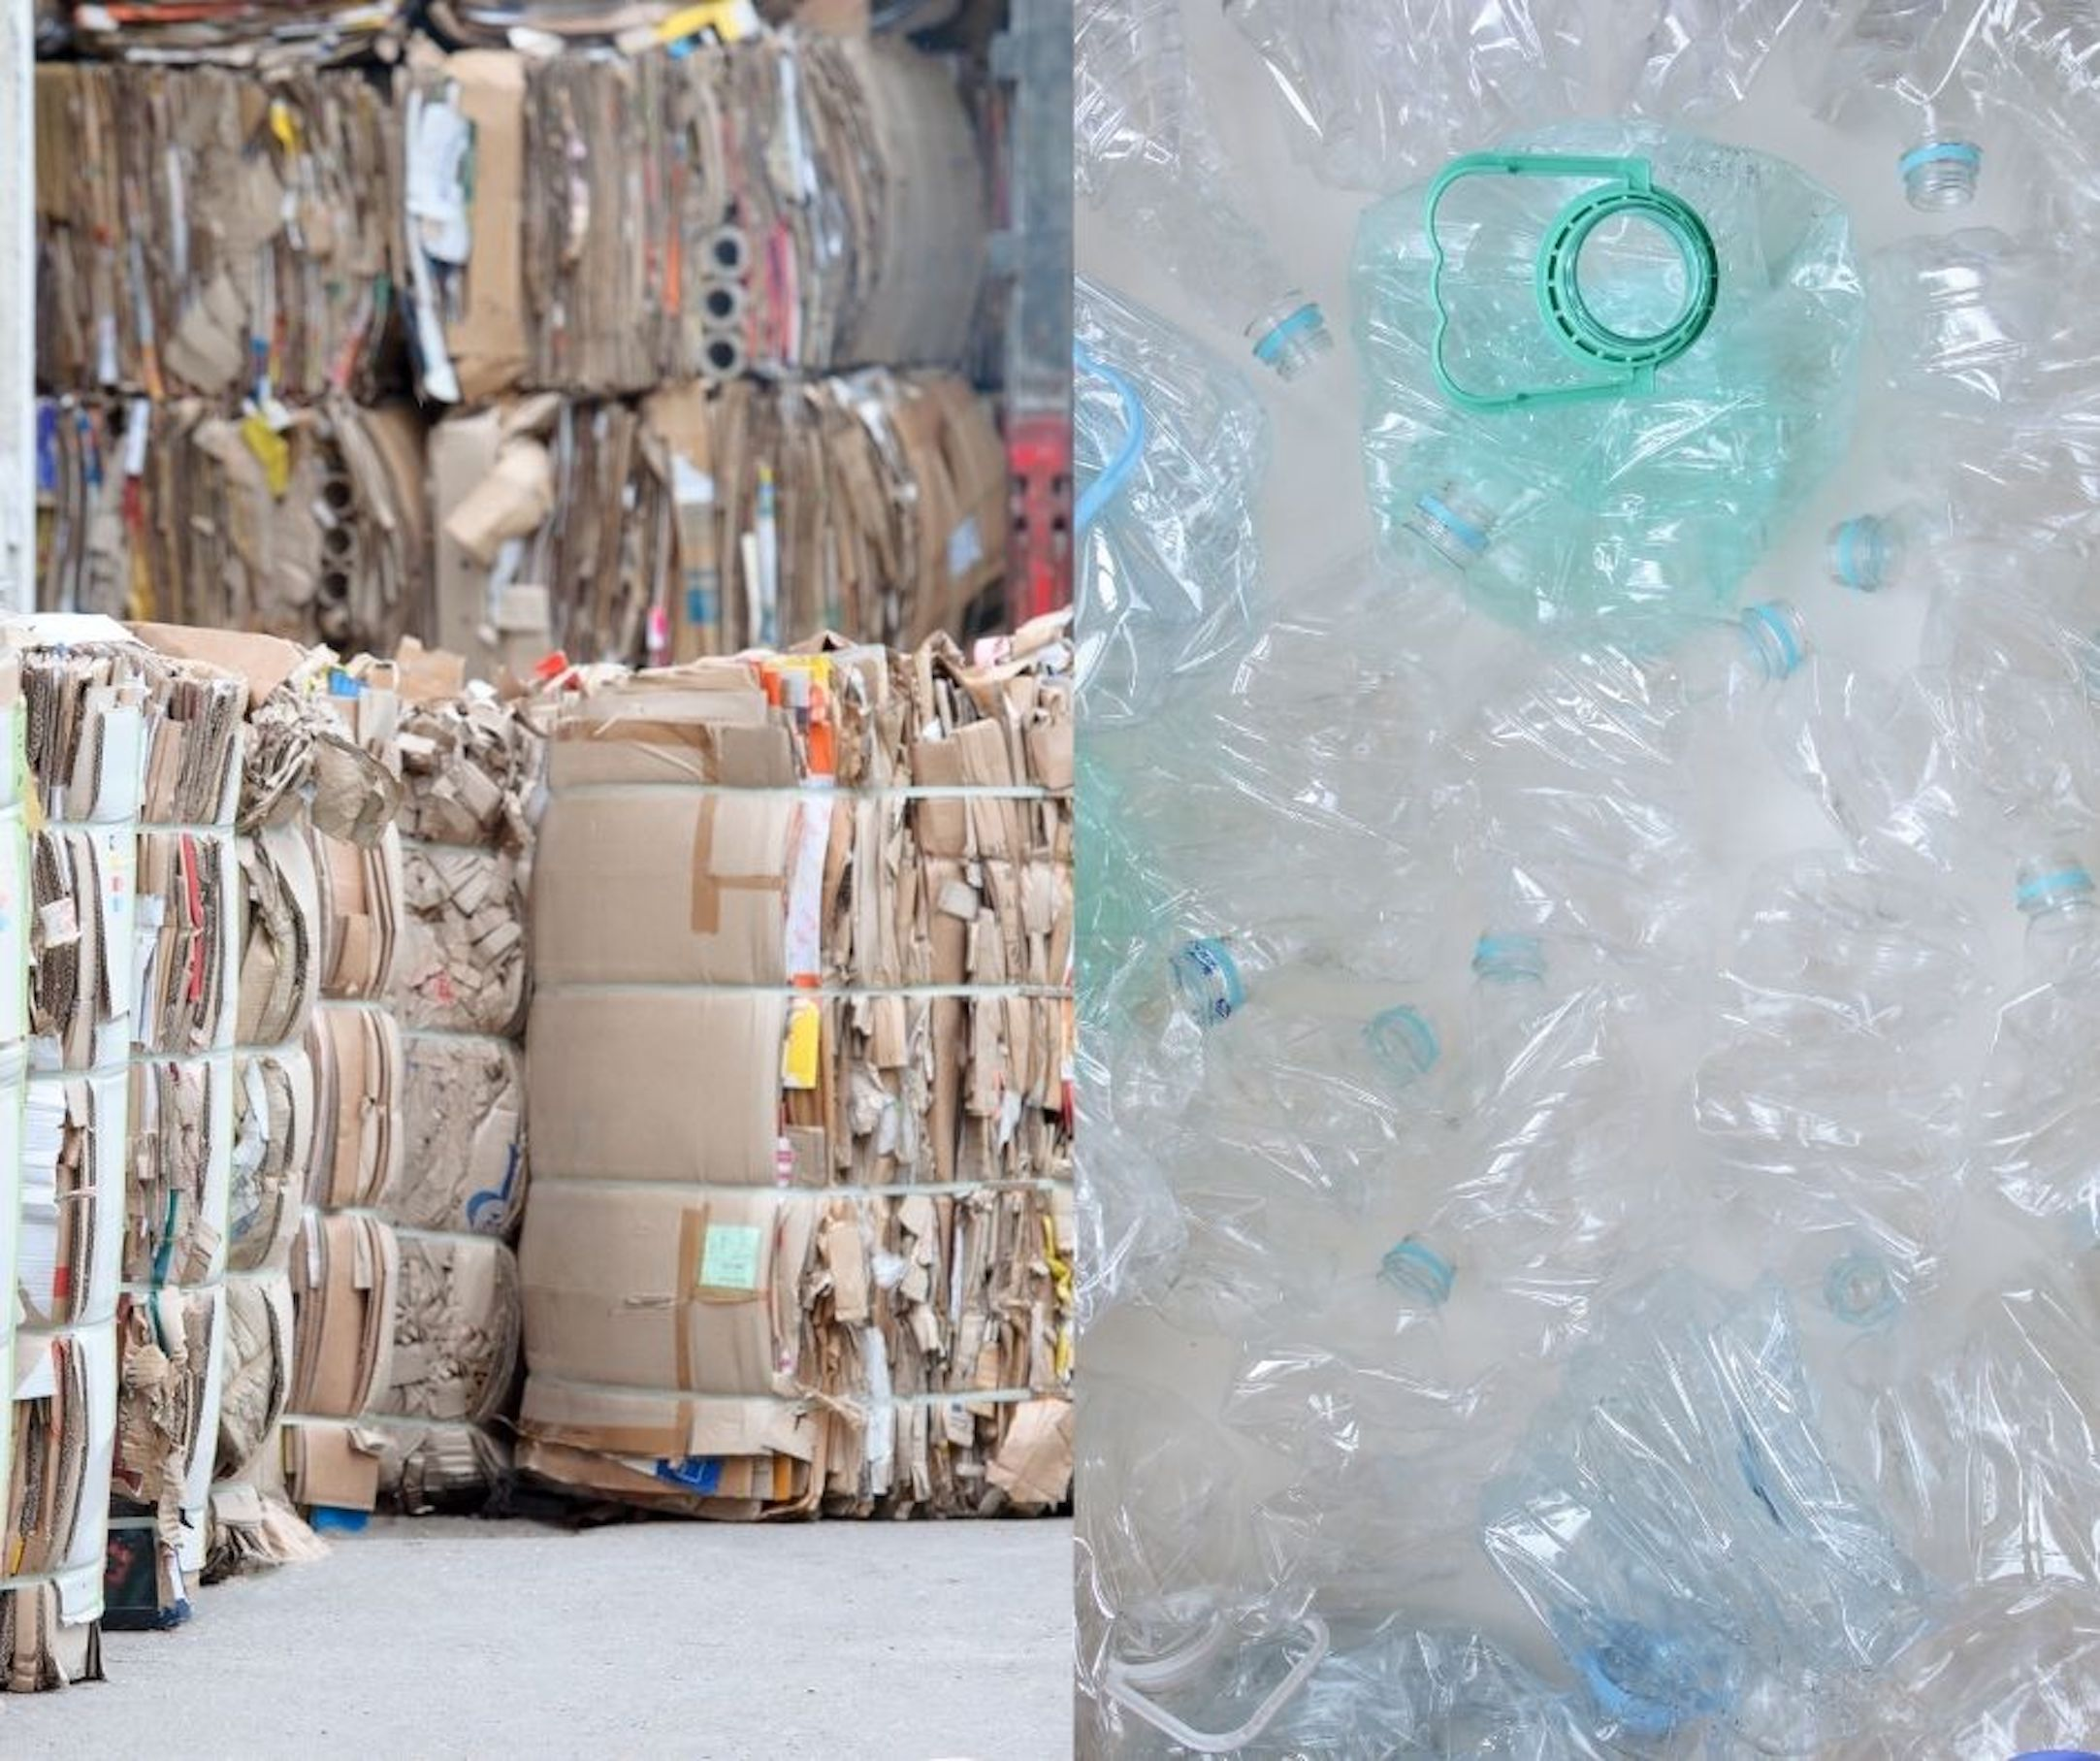 Vignette cartons et plastiques